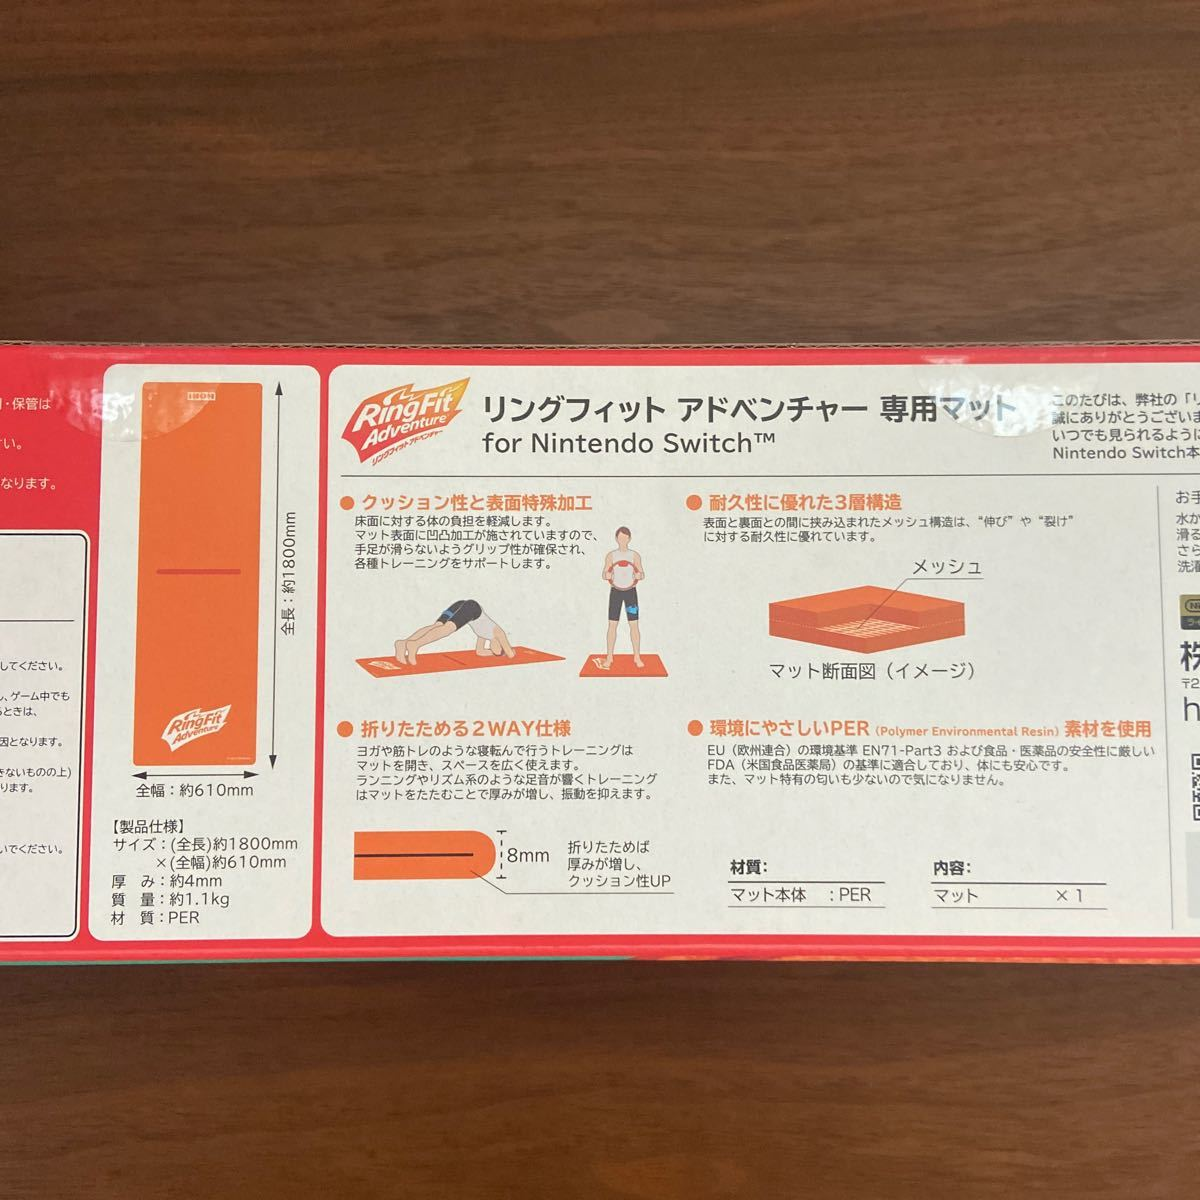 新品 リングフィットアドベンチャー専用マット Nintendo Switch